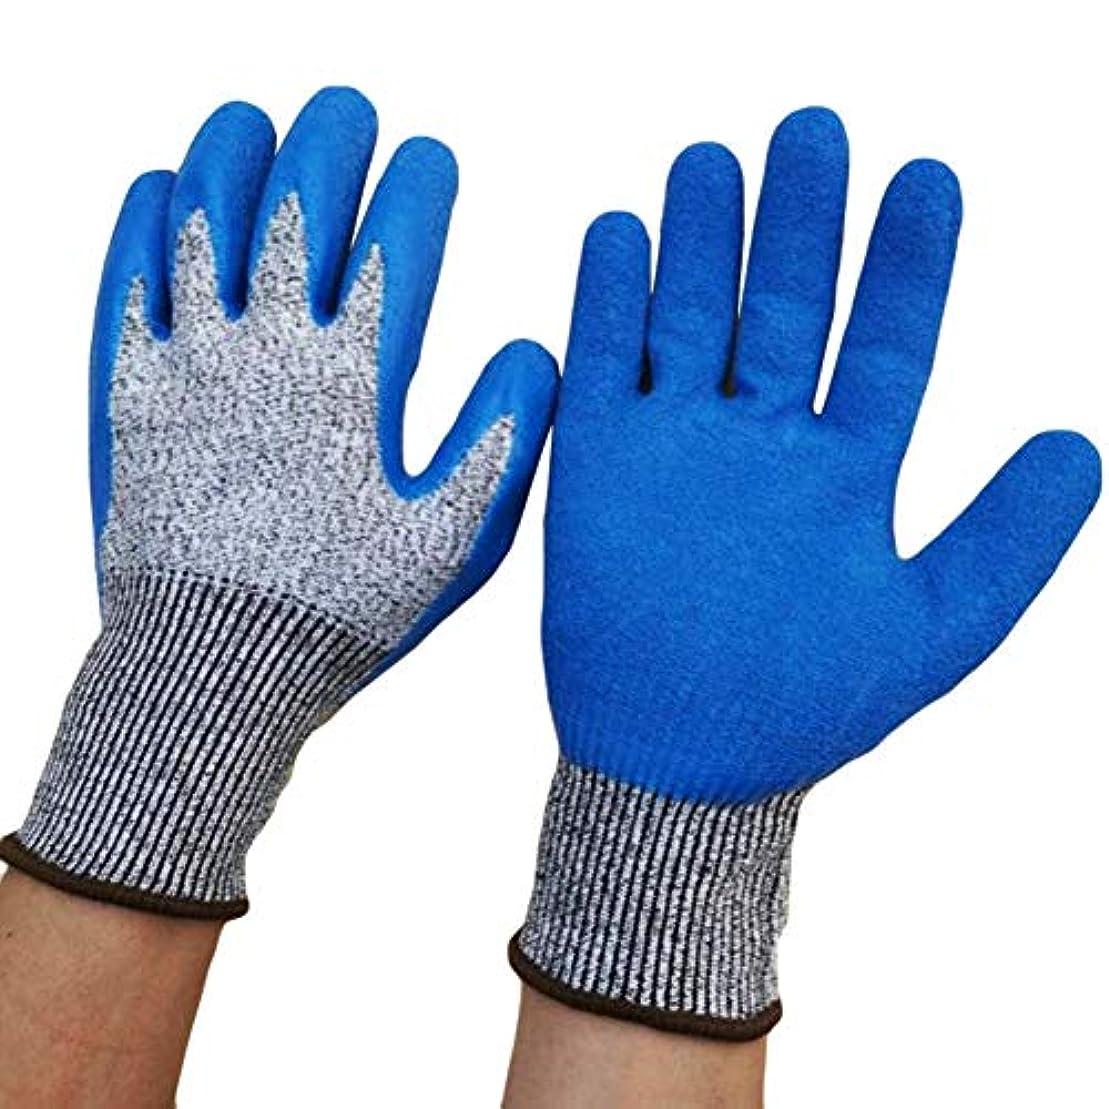 驚き少年抗生物質カット耐性手袋-食品グレード、登り防止カット手袋安全カット証明、耐刺傷性レベル5保護作業、キッチン肉屋屋外探索カット耐性グローブ